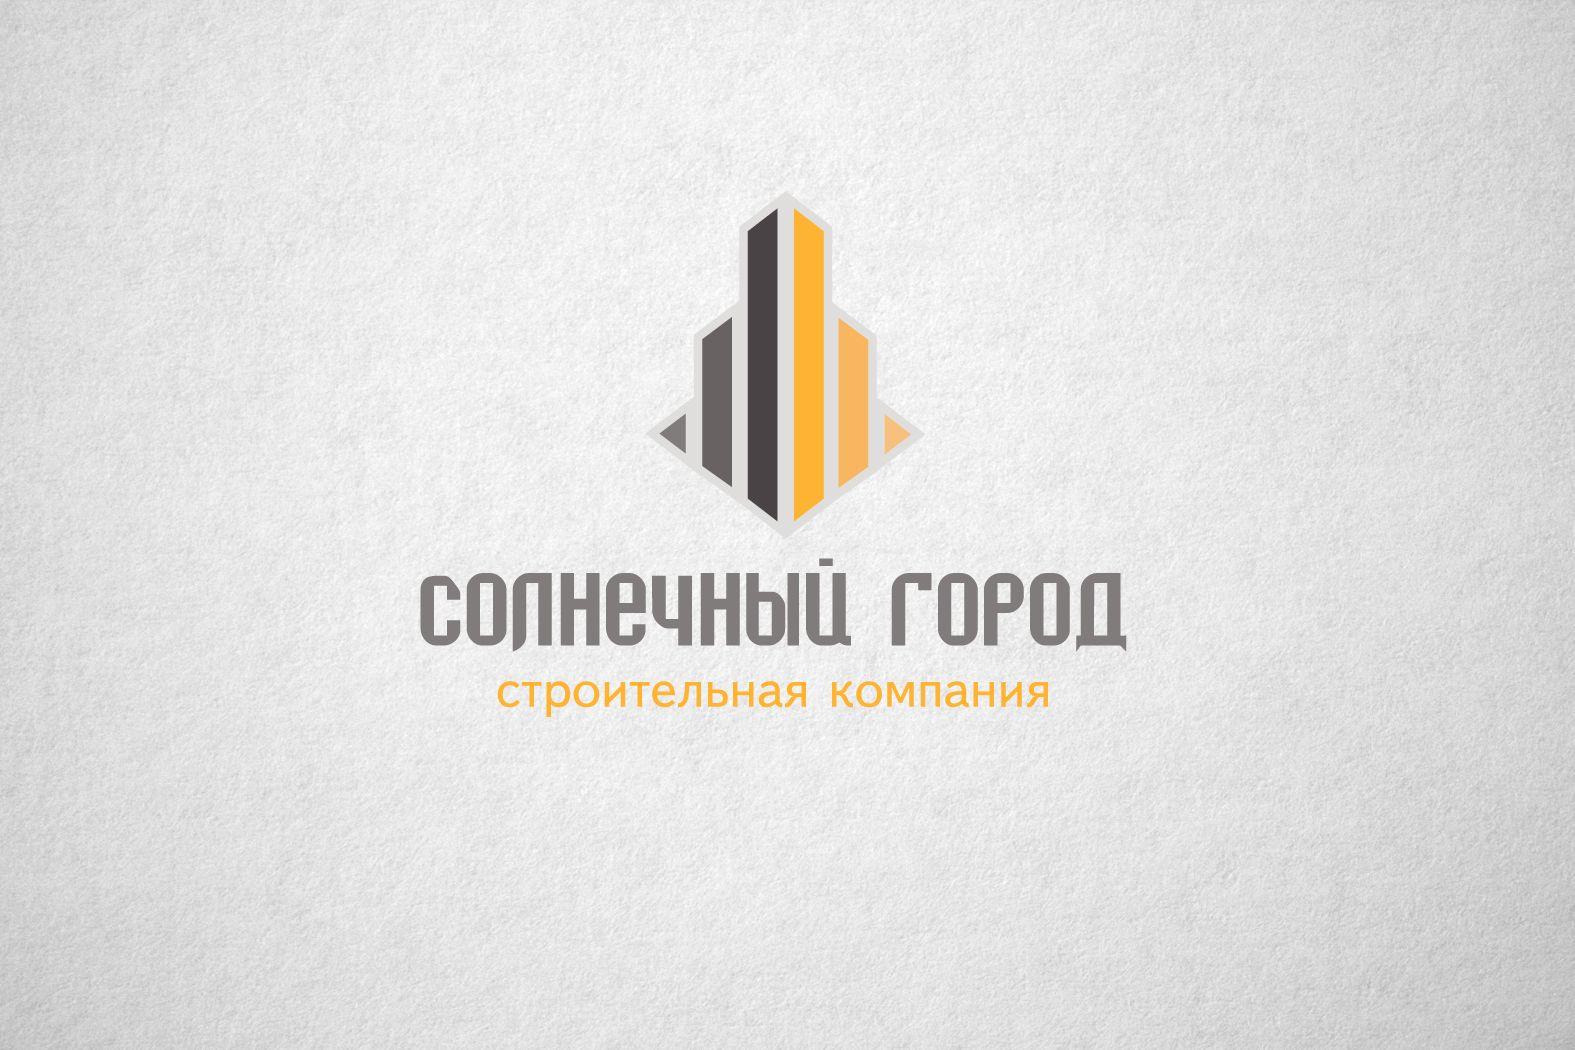 Логотип для солнечного города - дизайнер funkielevis